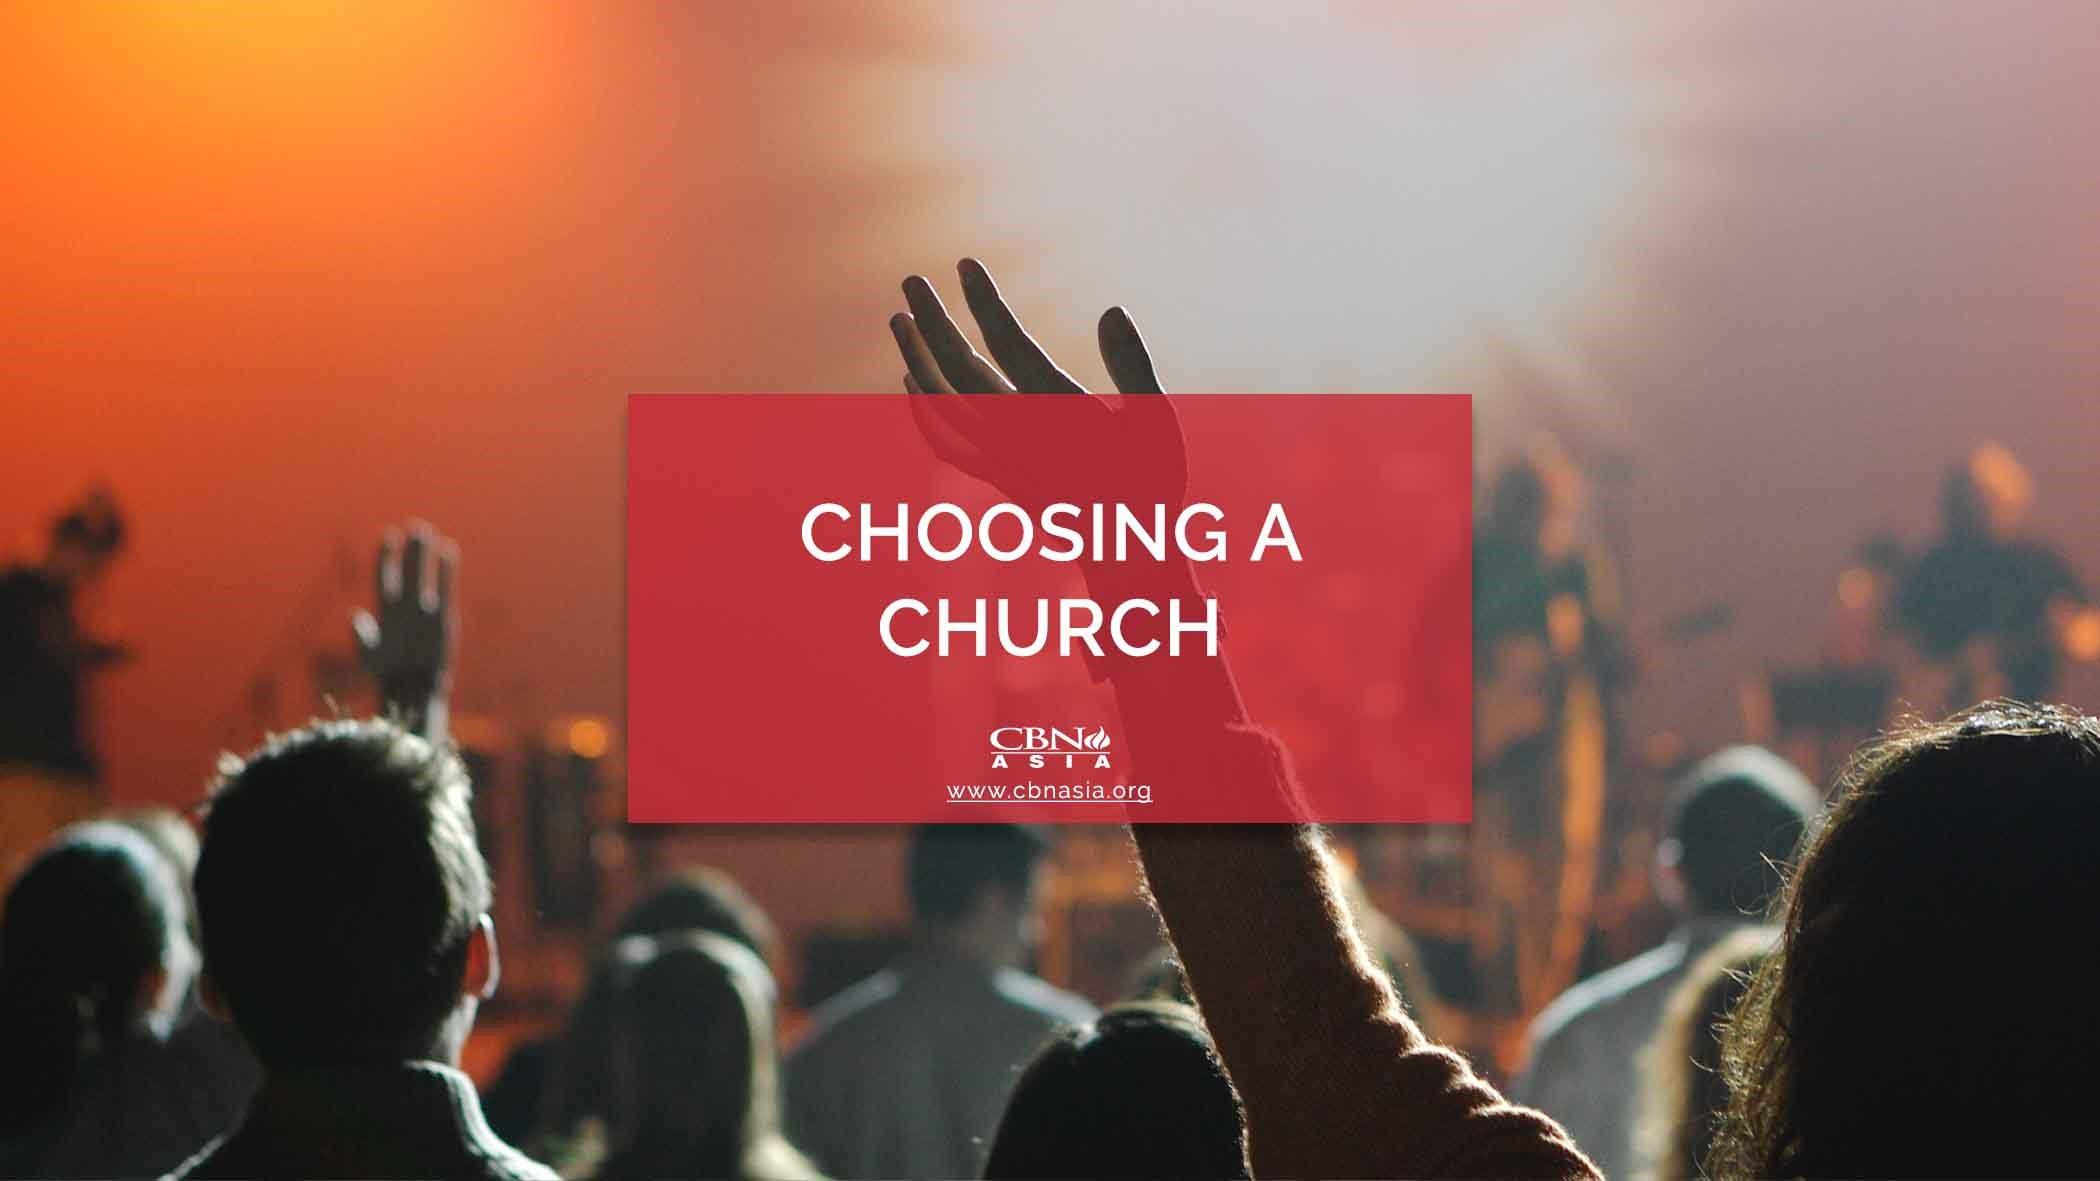 choosing a church - why join a church